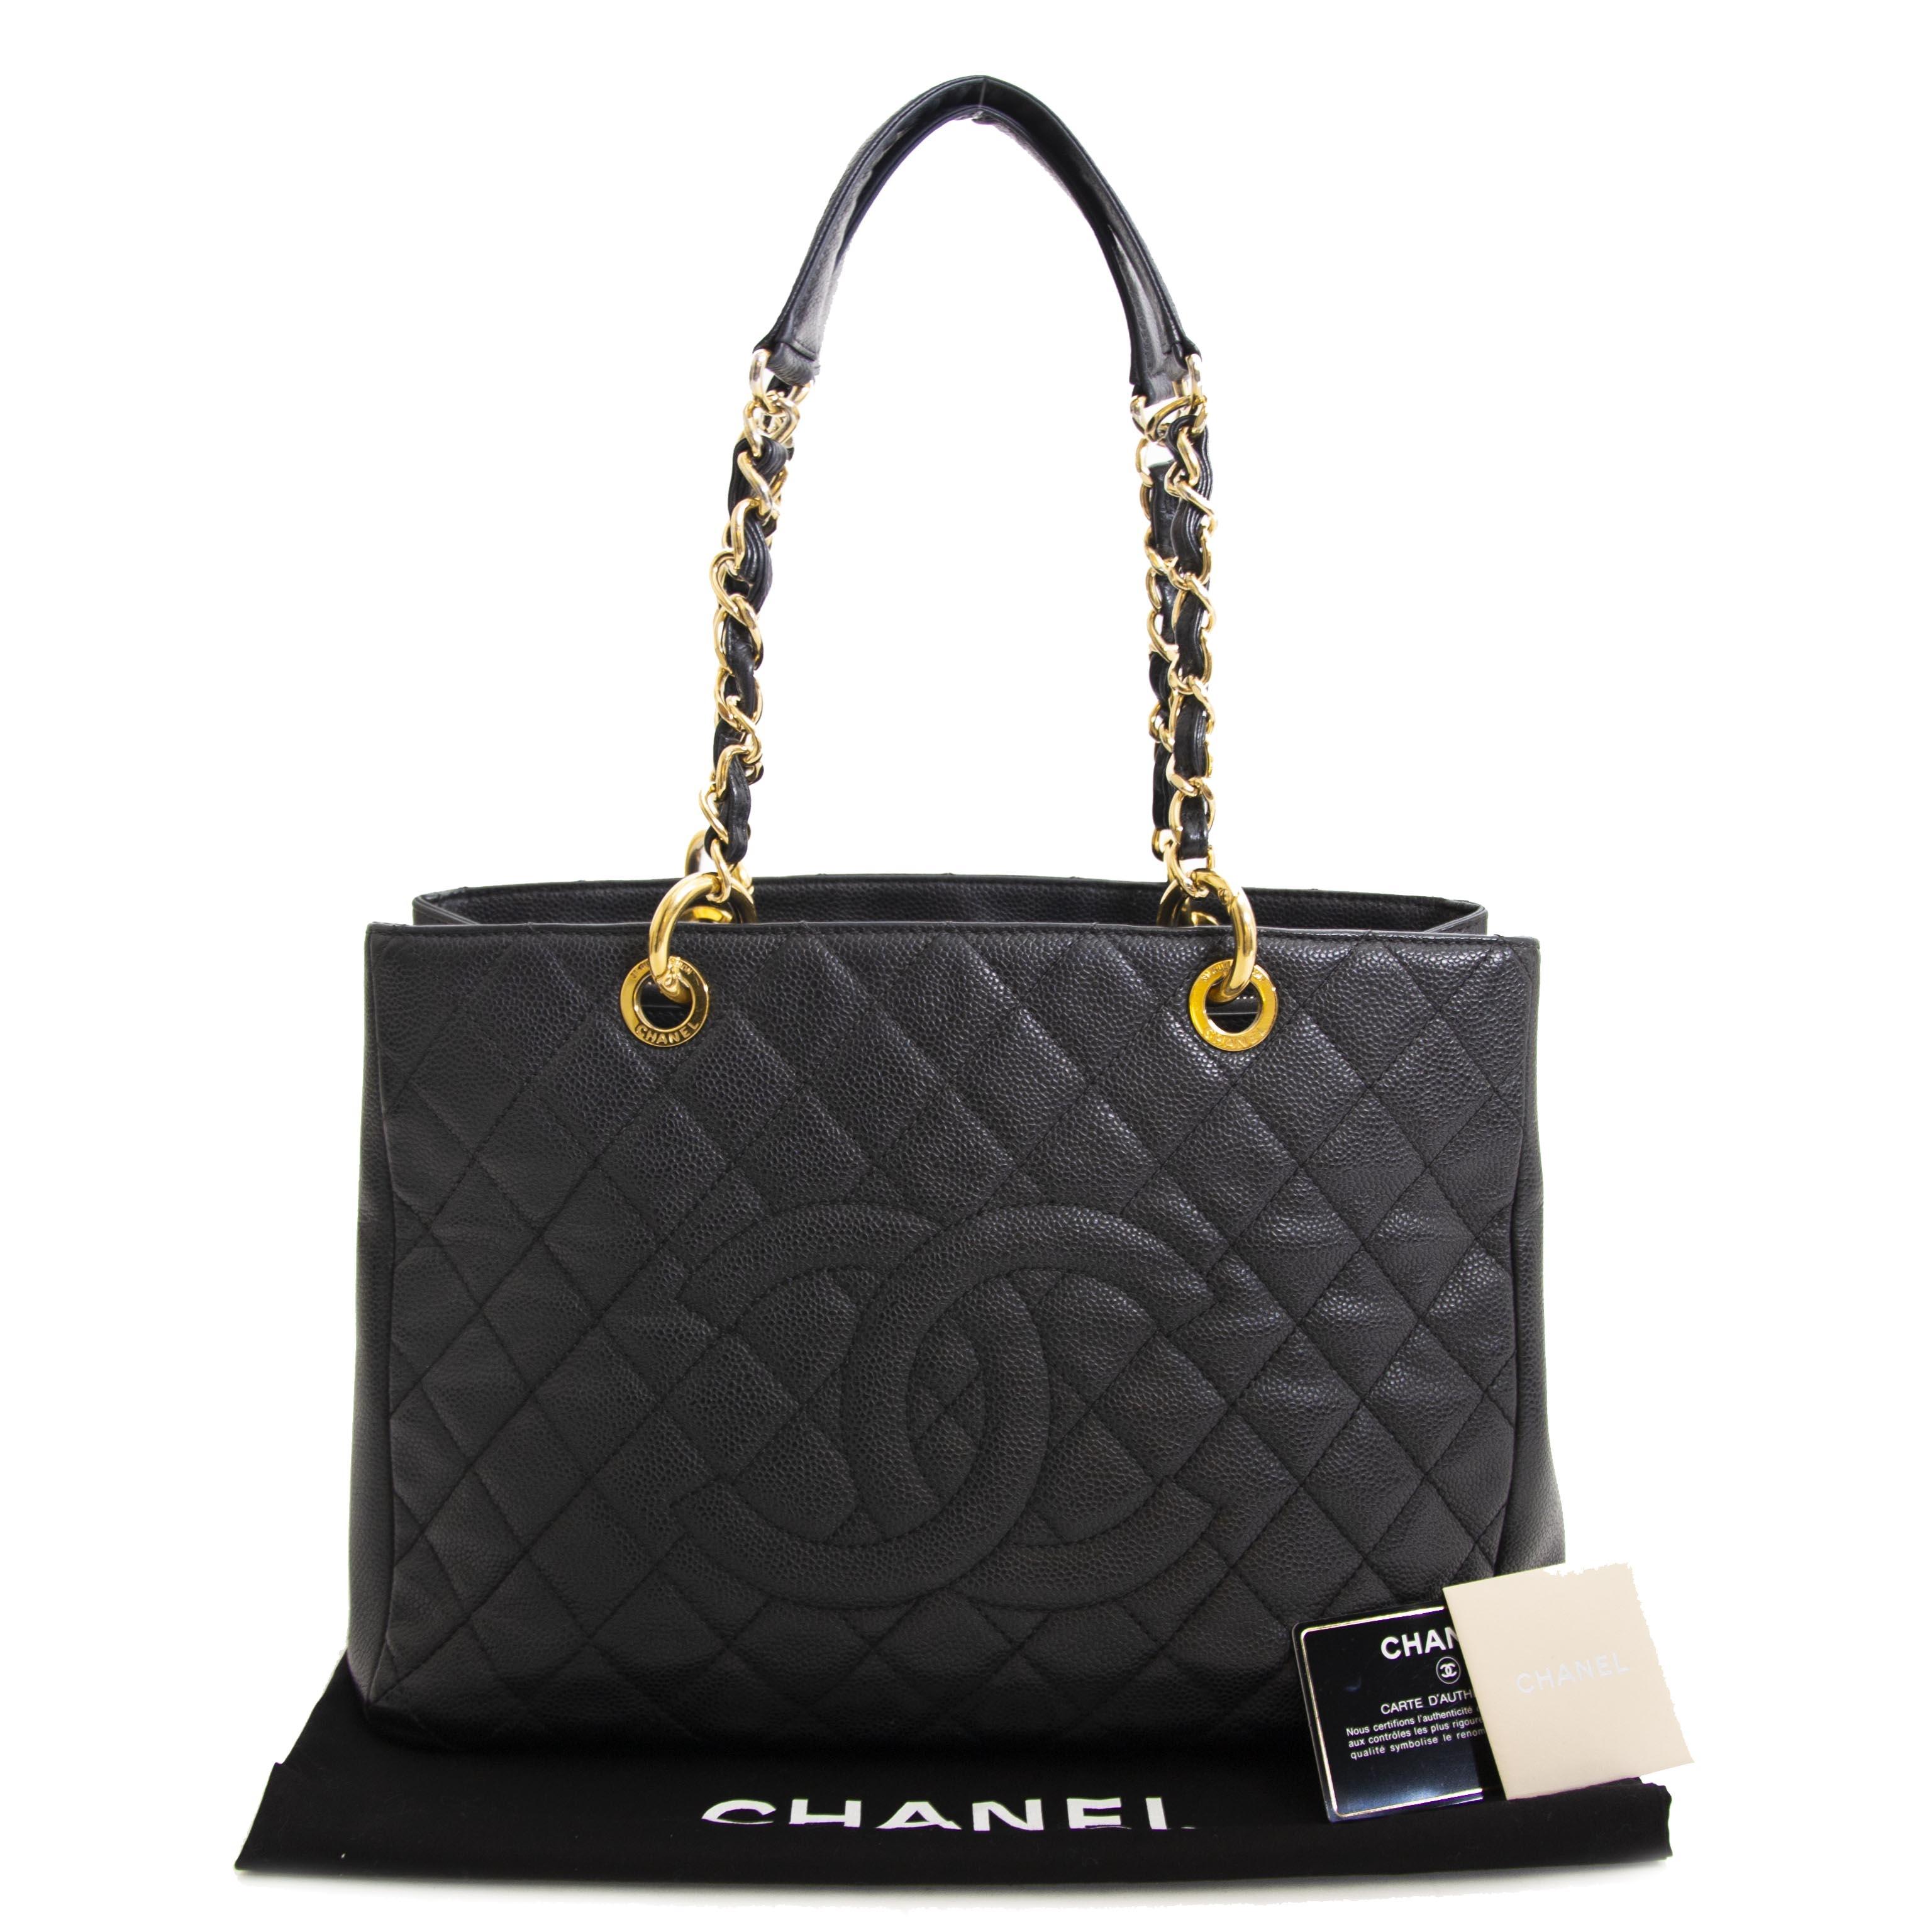 koop veilig onlien tegen de beste prijs Chanel Black Caviar GST Tote